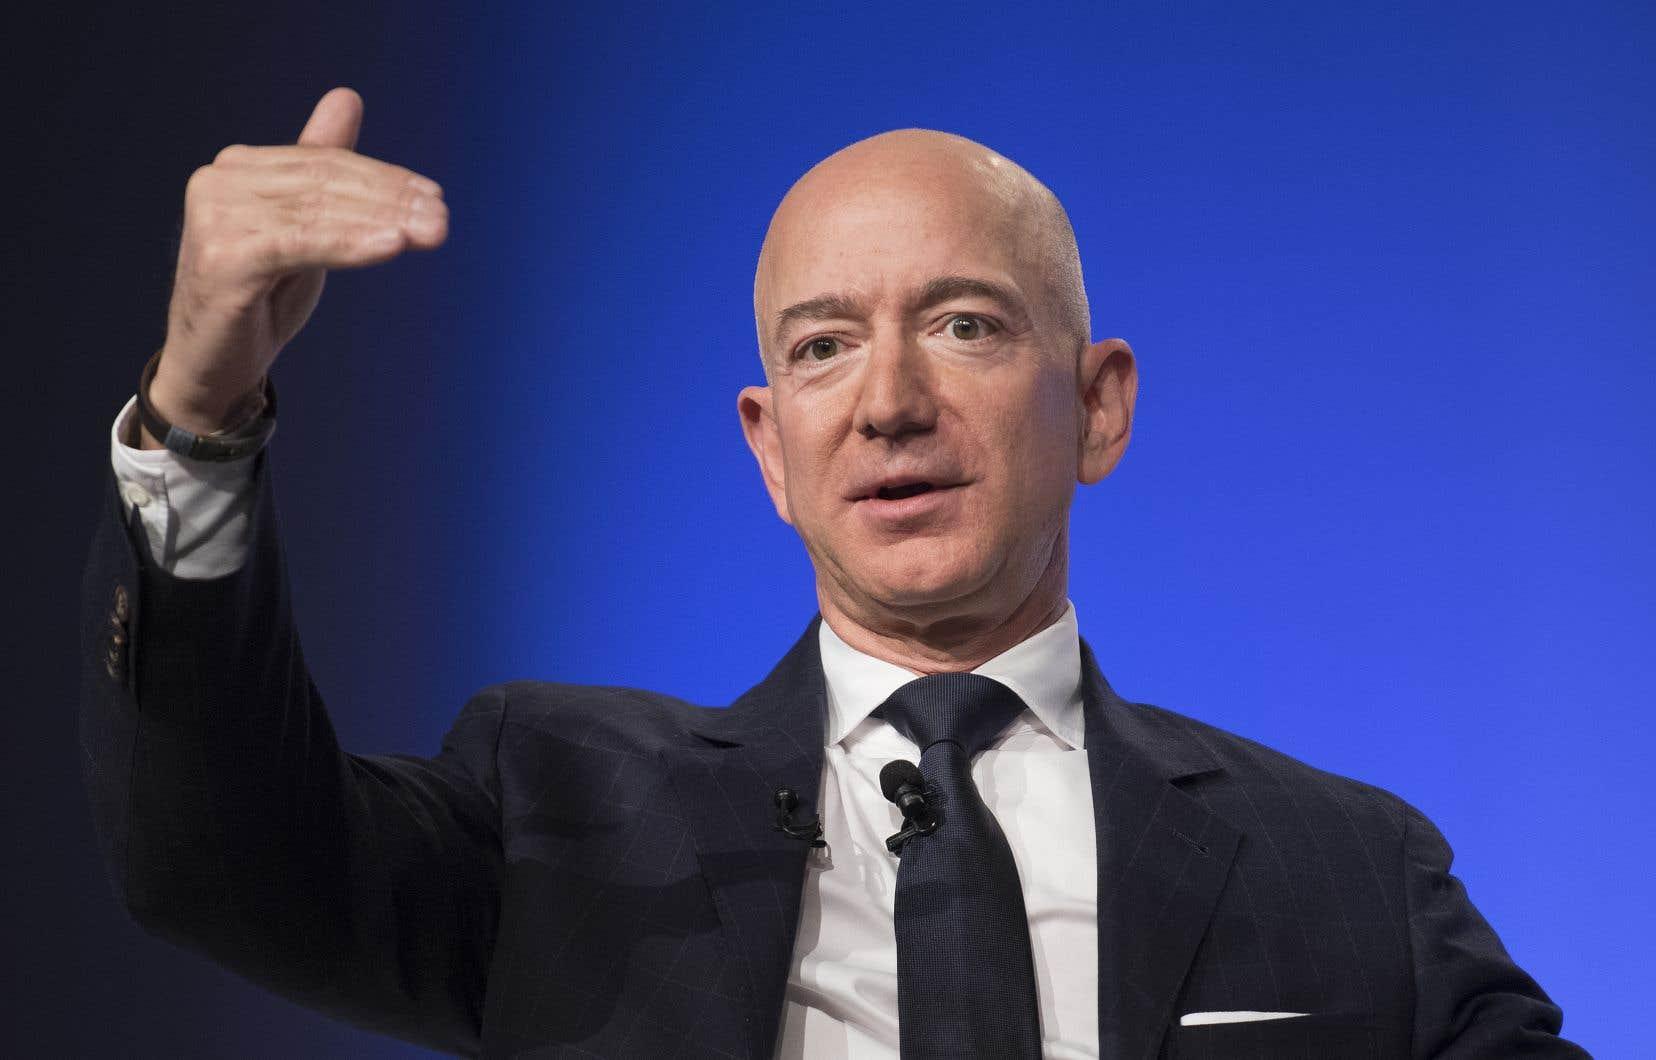 Jeff Bezos avait reçu un message en provenance d'un compte attribué au prince saoudien Mohammed ben Salmane.